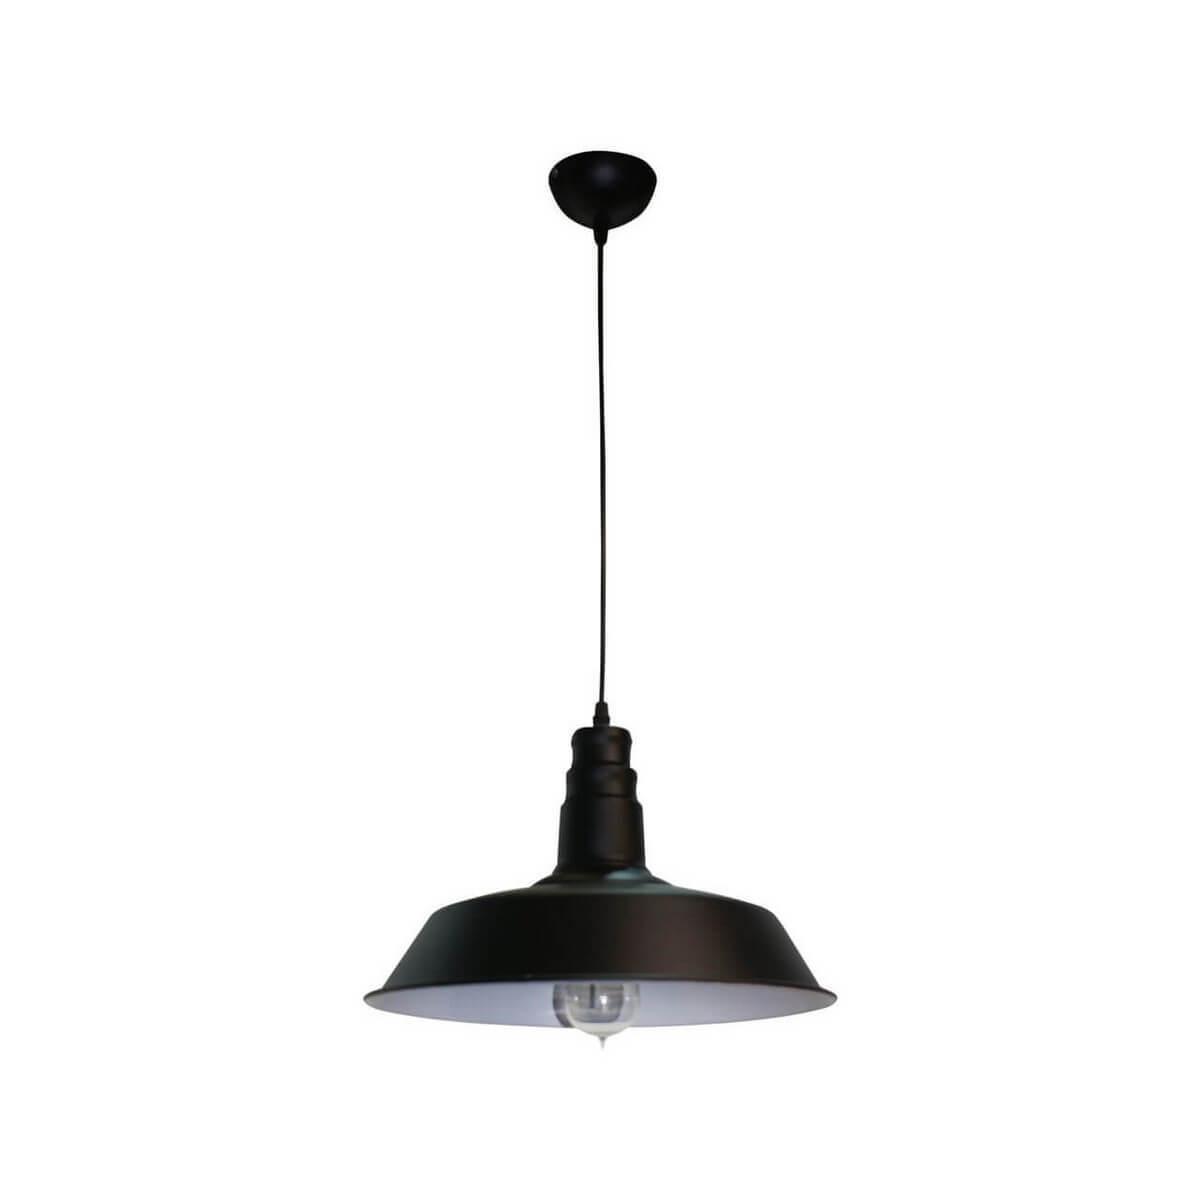 Подвесной светильник Kink Light 08301,19, E27, 40 Вт kink light подвесной светодиодный светильник kink light аква кристалл 08620 1a